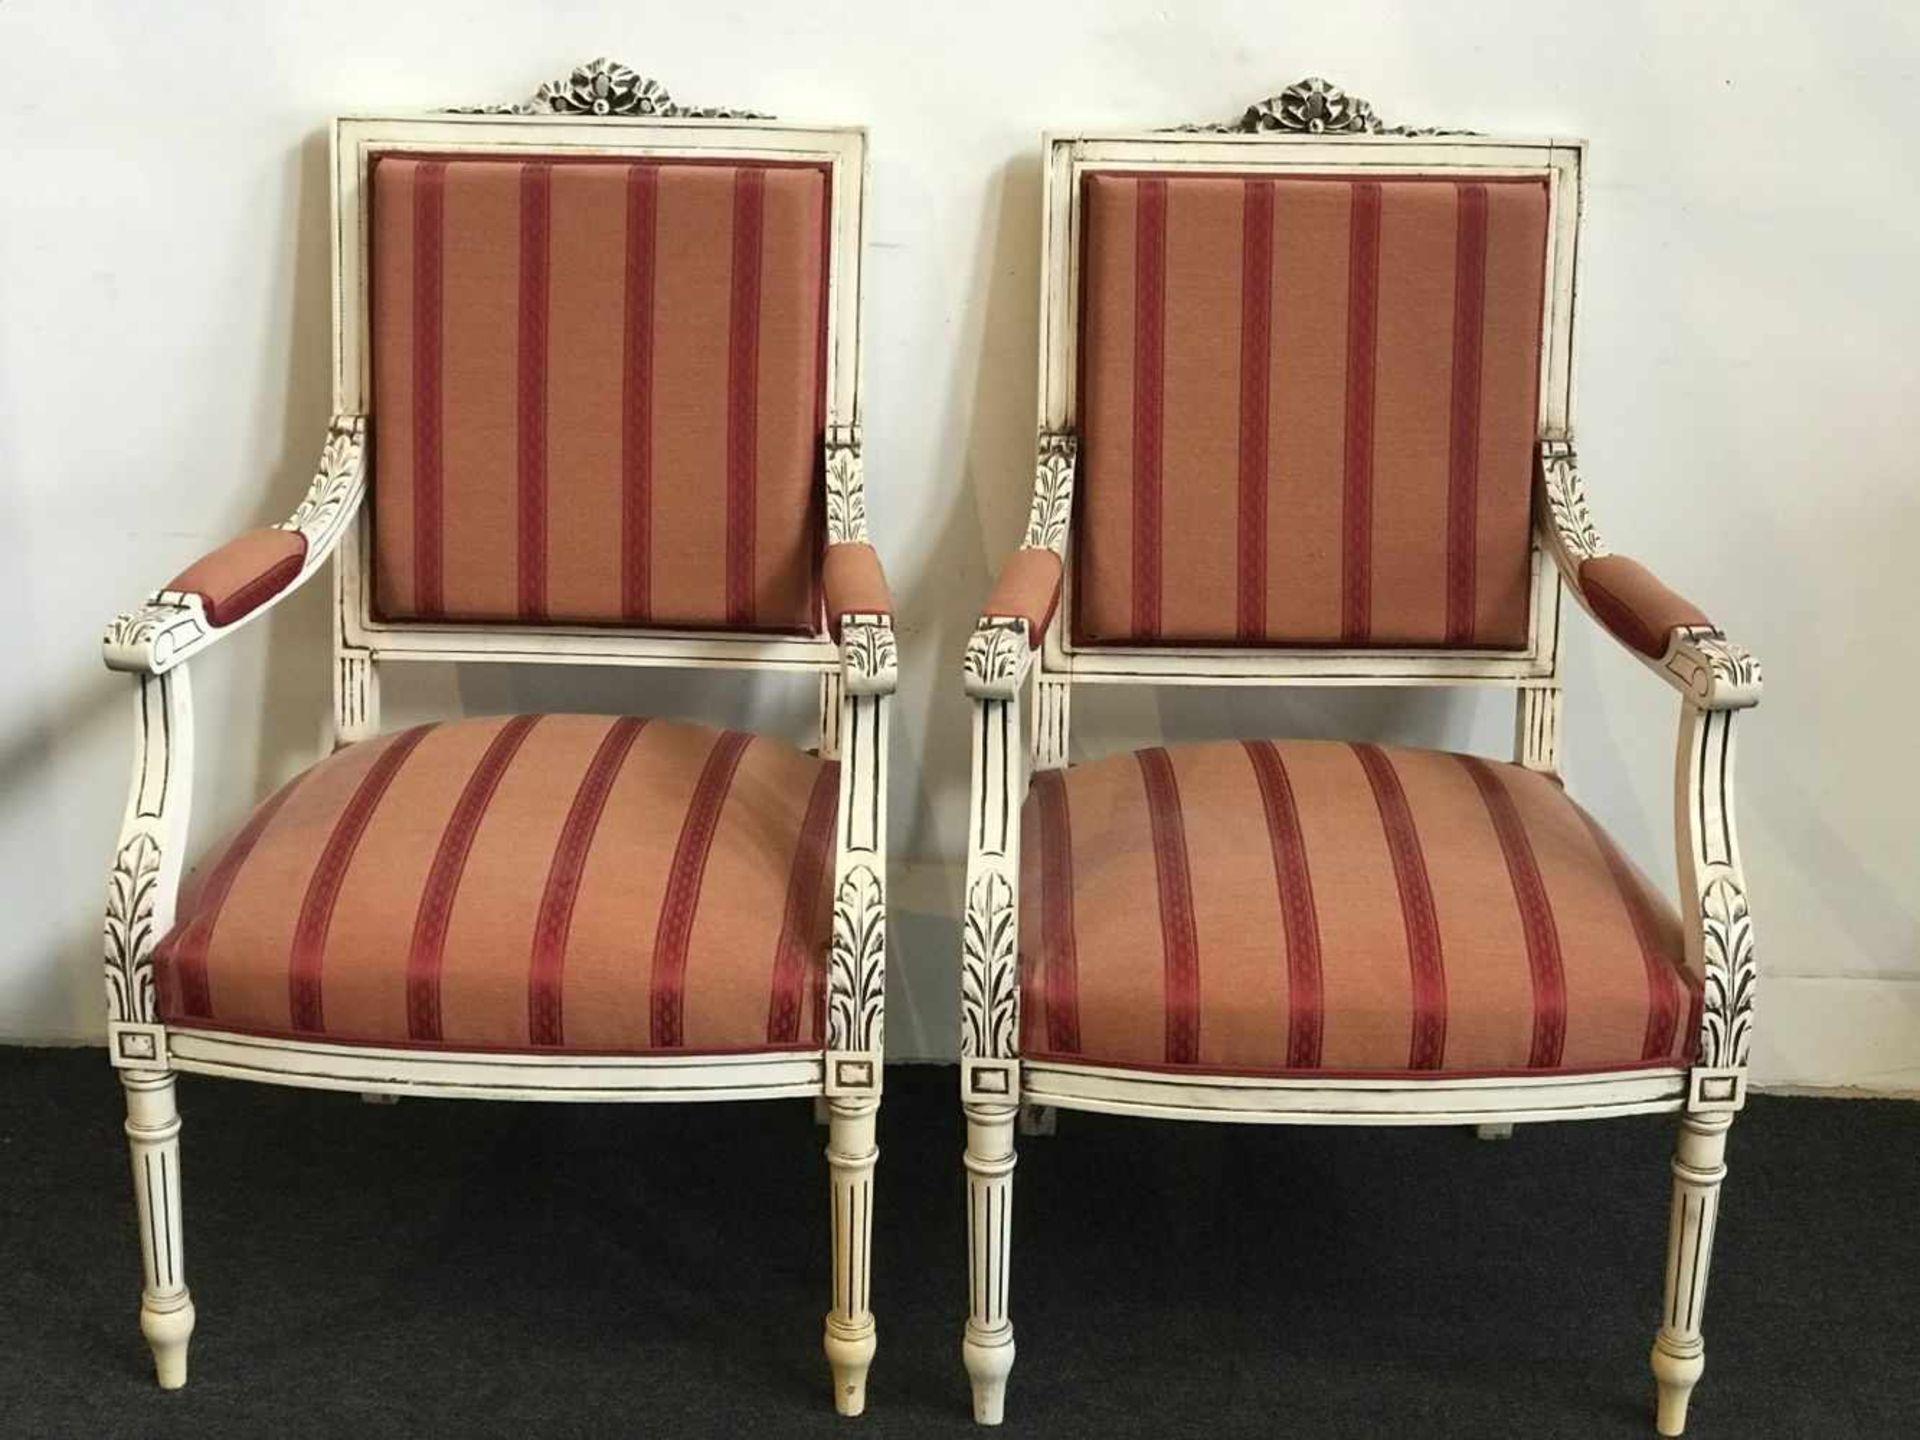 Louis XV salon two-seater and 2 single-seater - Bild 2 aus 3